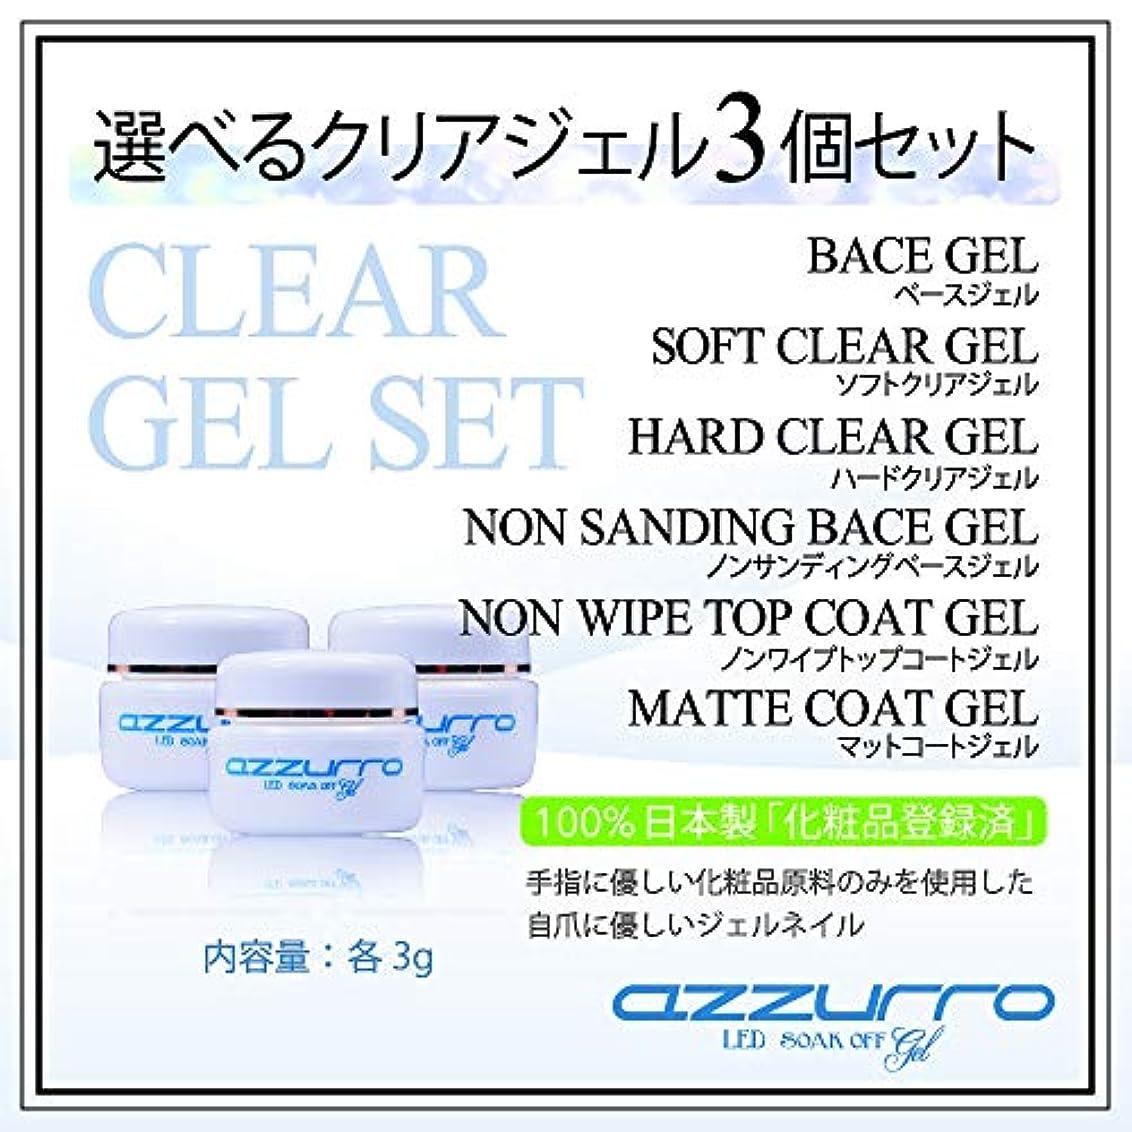 追跡オーチャードマーベルazzurro gel アッズーロ選べるクリアージェル お得な3個セット